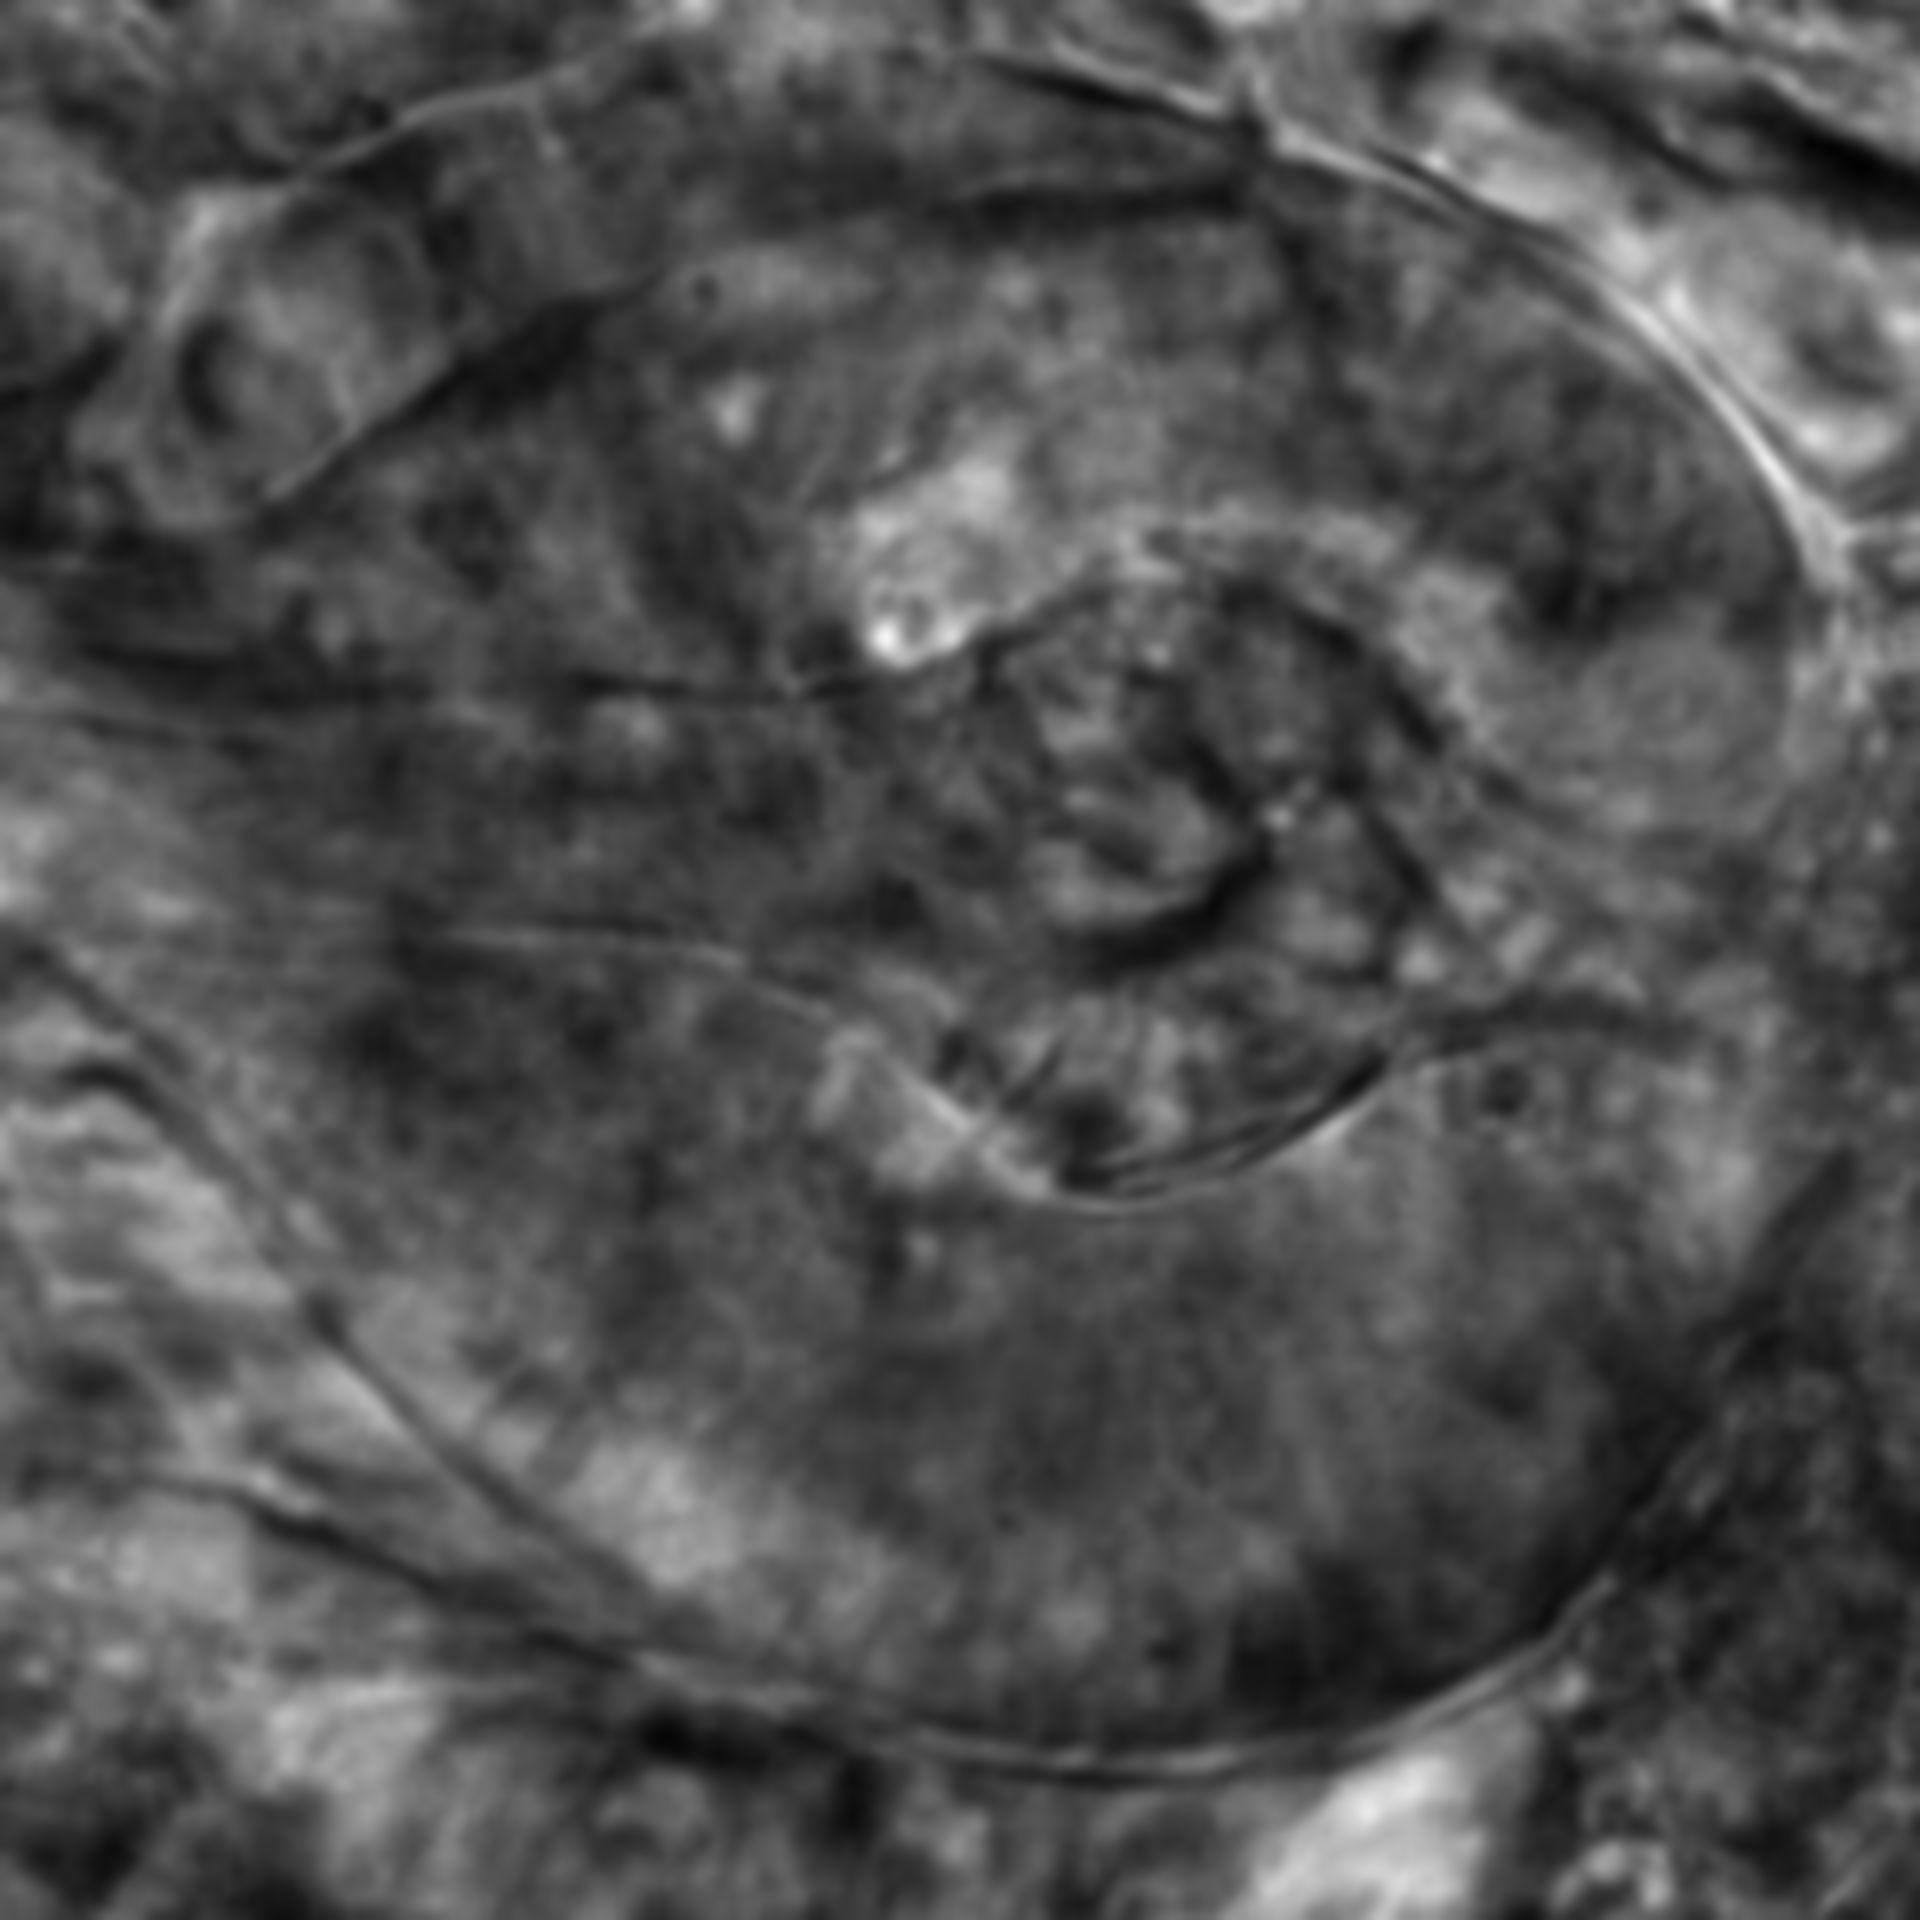 Caenorhabditis elegans - CIL:2631